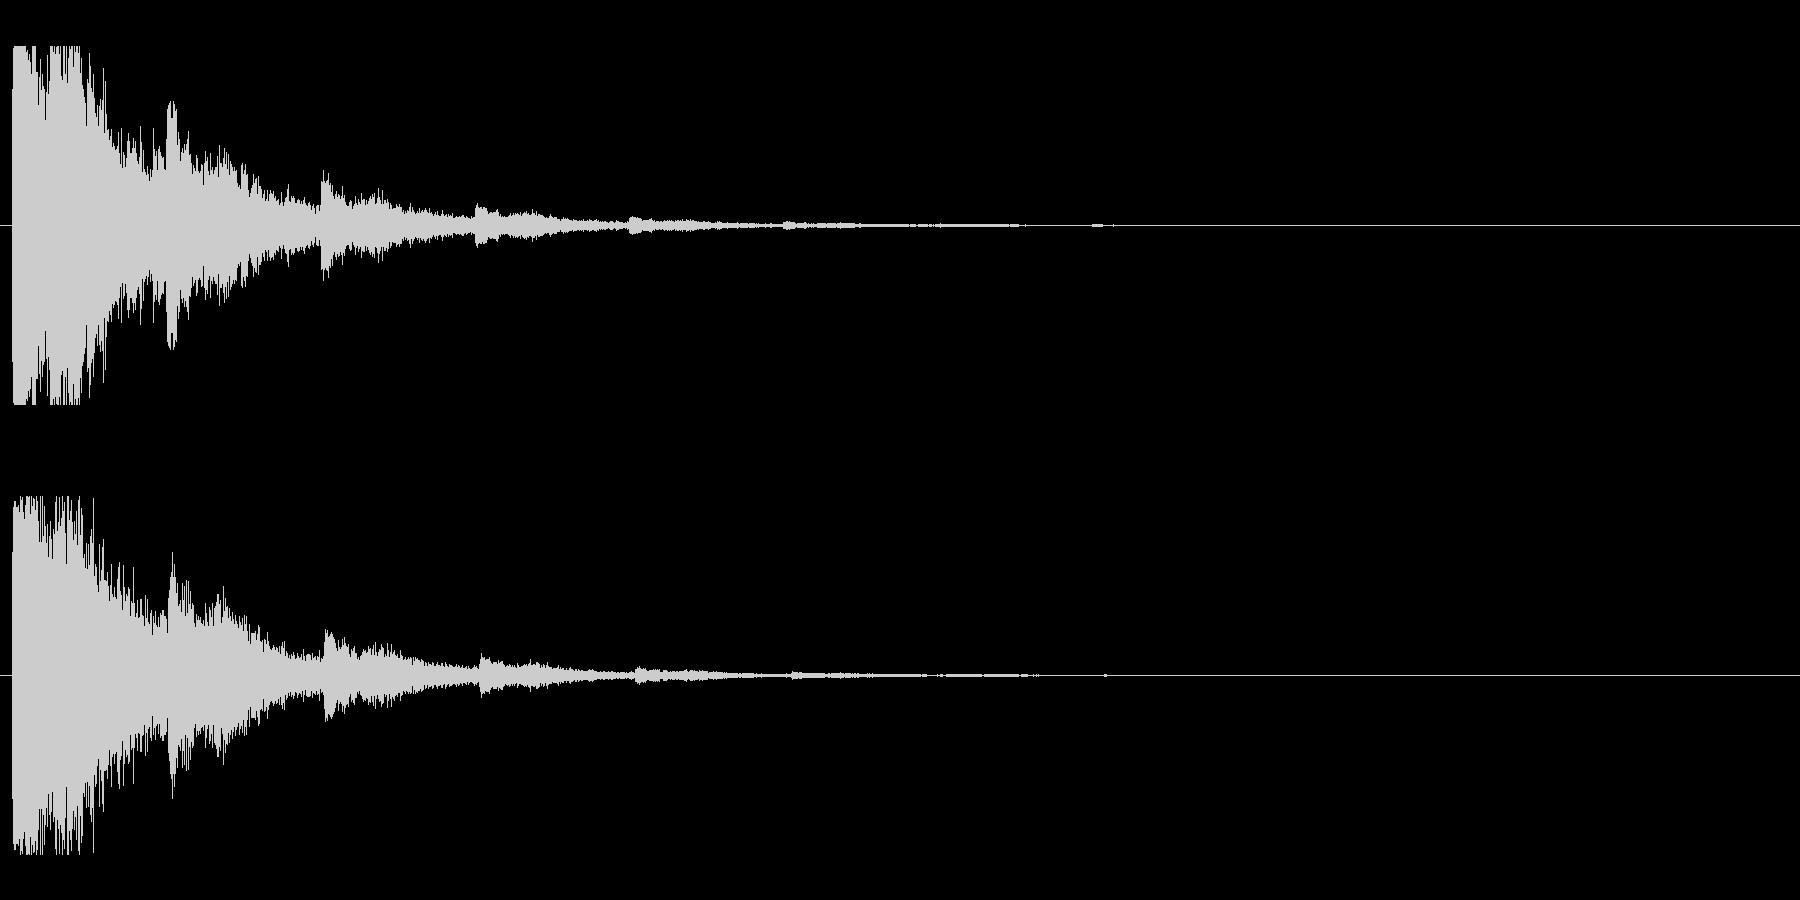 レーザー音-04-2の未再生の波形